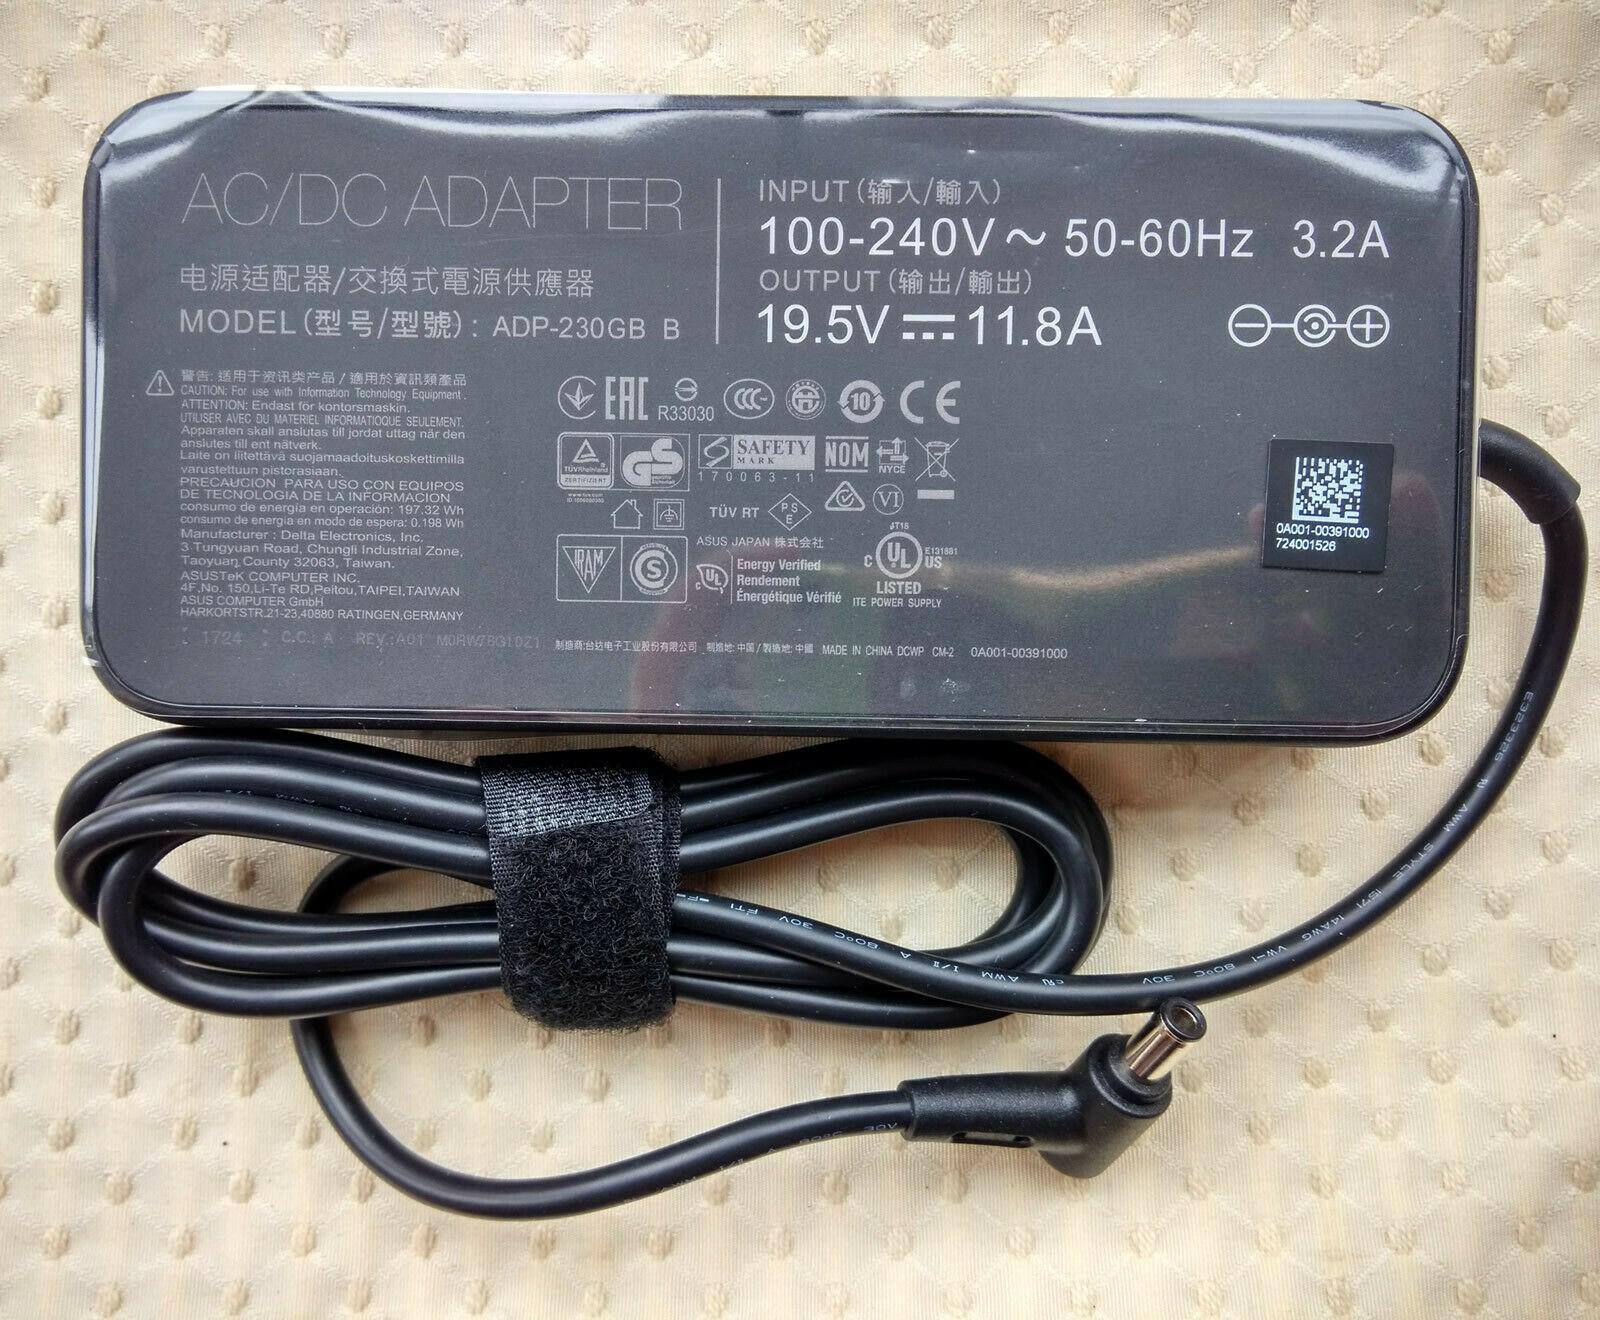 Huiyuan Fit per ASUS ROG Zephyrus GX501VS-XS71, ADP-230GB B, 230W 19.5V 11.8A AC Adapter